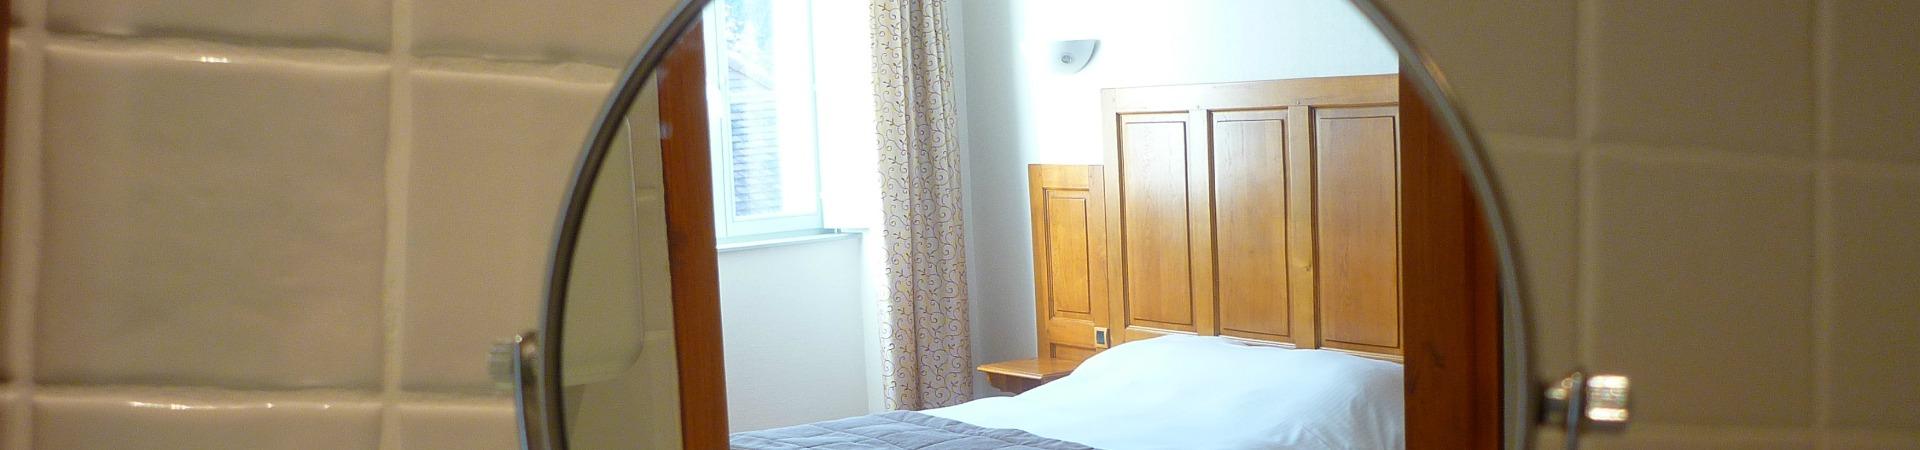 une chambre de l'hôtel charles Sander à Salins dans le Jura